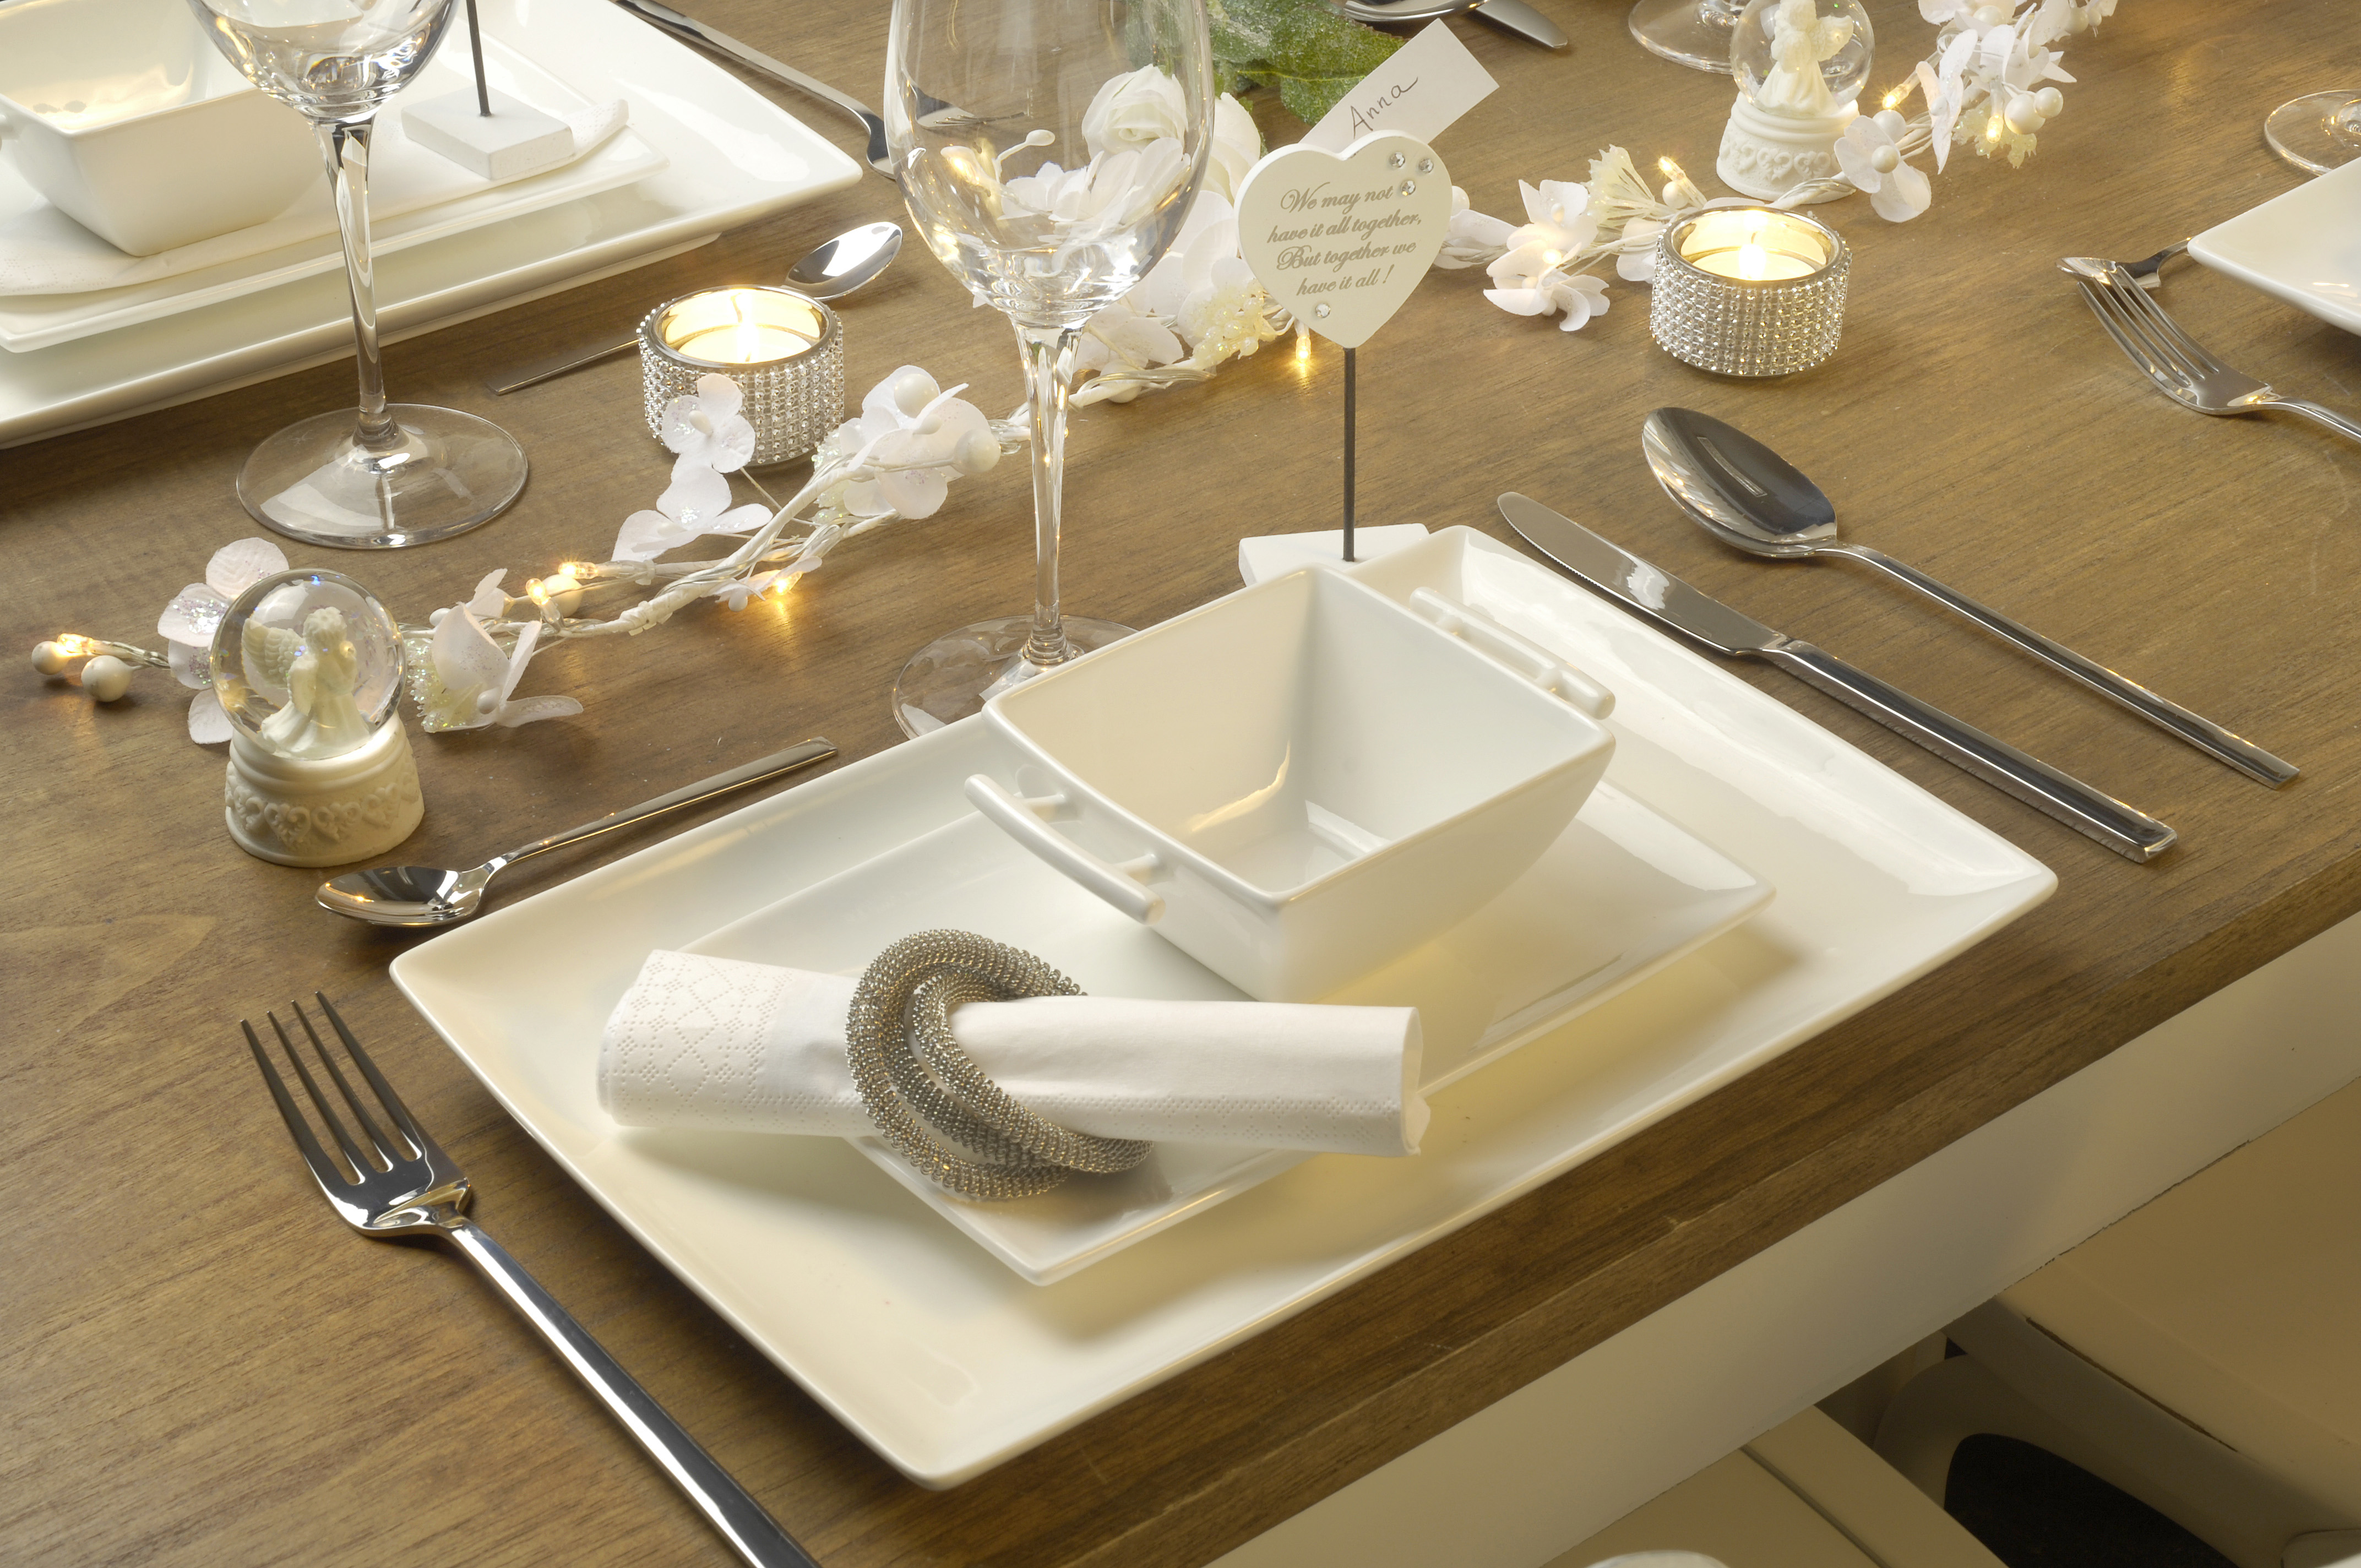 Apparecchiare tavola natale 2013 7 design mon amour - Tavole apparecchiate per natale ...